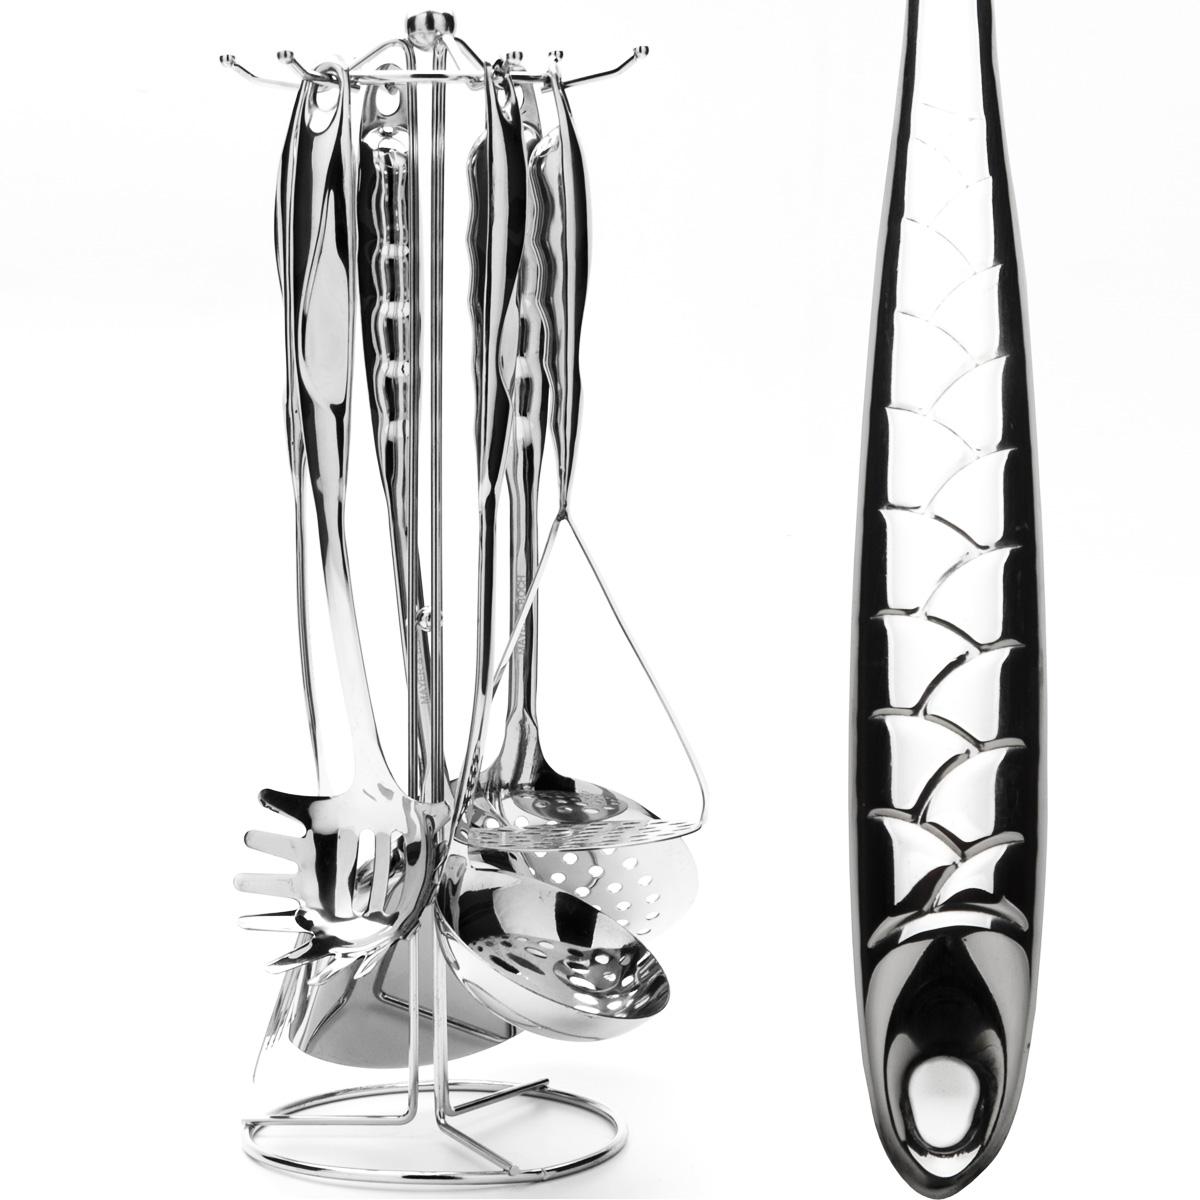 Набор кухонных принадлежностей Mayer & Boch, 7 предметов. 2379423794Набор кухонных принадлежностей Mayer & Boch выполнен из высококачественной нержавеющей стали c зеркальной поверхностью. Набор состоит из ложки для спагетти, половника, шумовки, ложки, лопатки с прорезями, картофелемялки и подставки. Все кухонные принадлежности имеют петельку с помощью которой можно подвесить на подставку с крючками. Эксклюзивный дизайн, эстетичность и функциональность набора позволят ему занять достойное место среди кухонного инвентаря. Набор пригоден для мытья в посудомоечной машине. Длина ложки для спагетти: 32 см. Размер рабочей поверхности ложки для спагетти: 8,5 см х 8 см. Длина половника: 34 см. Диаметр рабочей поверхности половника: 9 см. Длина шумовки: 35 см. Диаметр рабочей поверхности шумовки: 12 см. Длина ложки: 37 см. Размер рабочей поверхности ложки: 9 см х 10 см. Длина лопатки с прорезями: 36 см. Размер рабочей поверхности лопатки: 8 см х 8 см. Длина картофелемялки: 27 см. Размер...